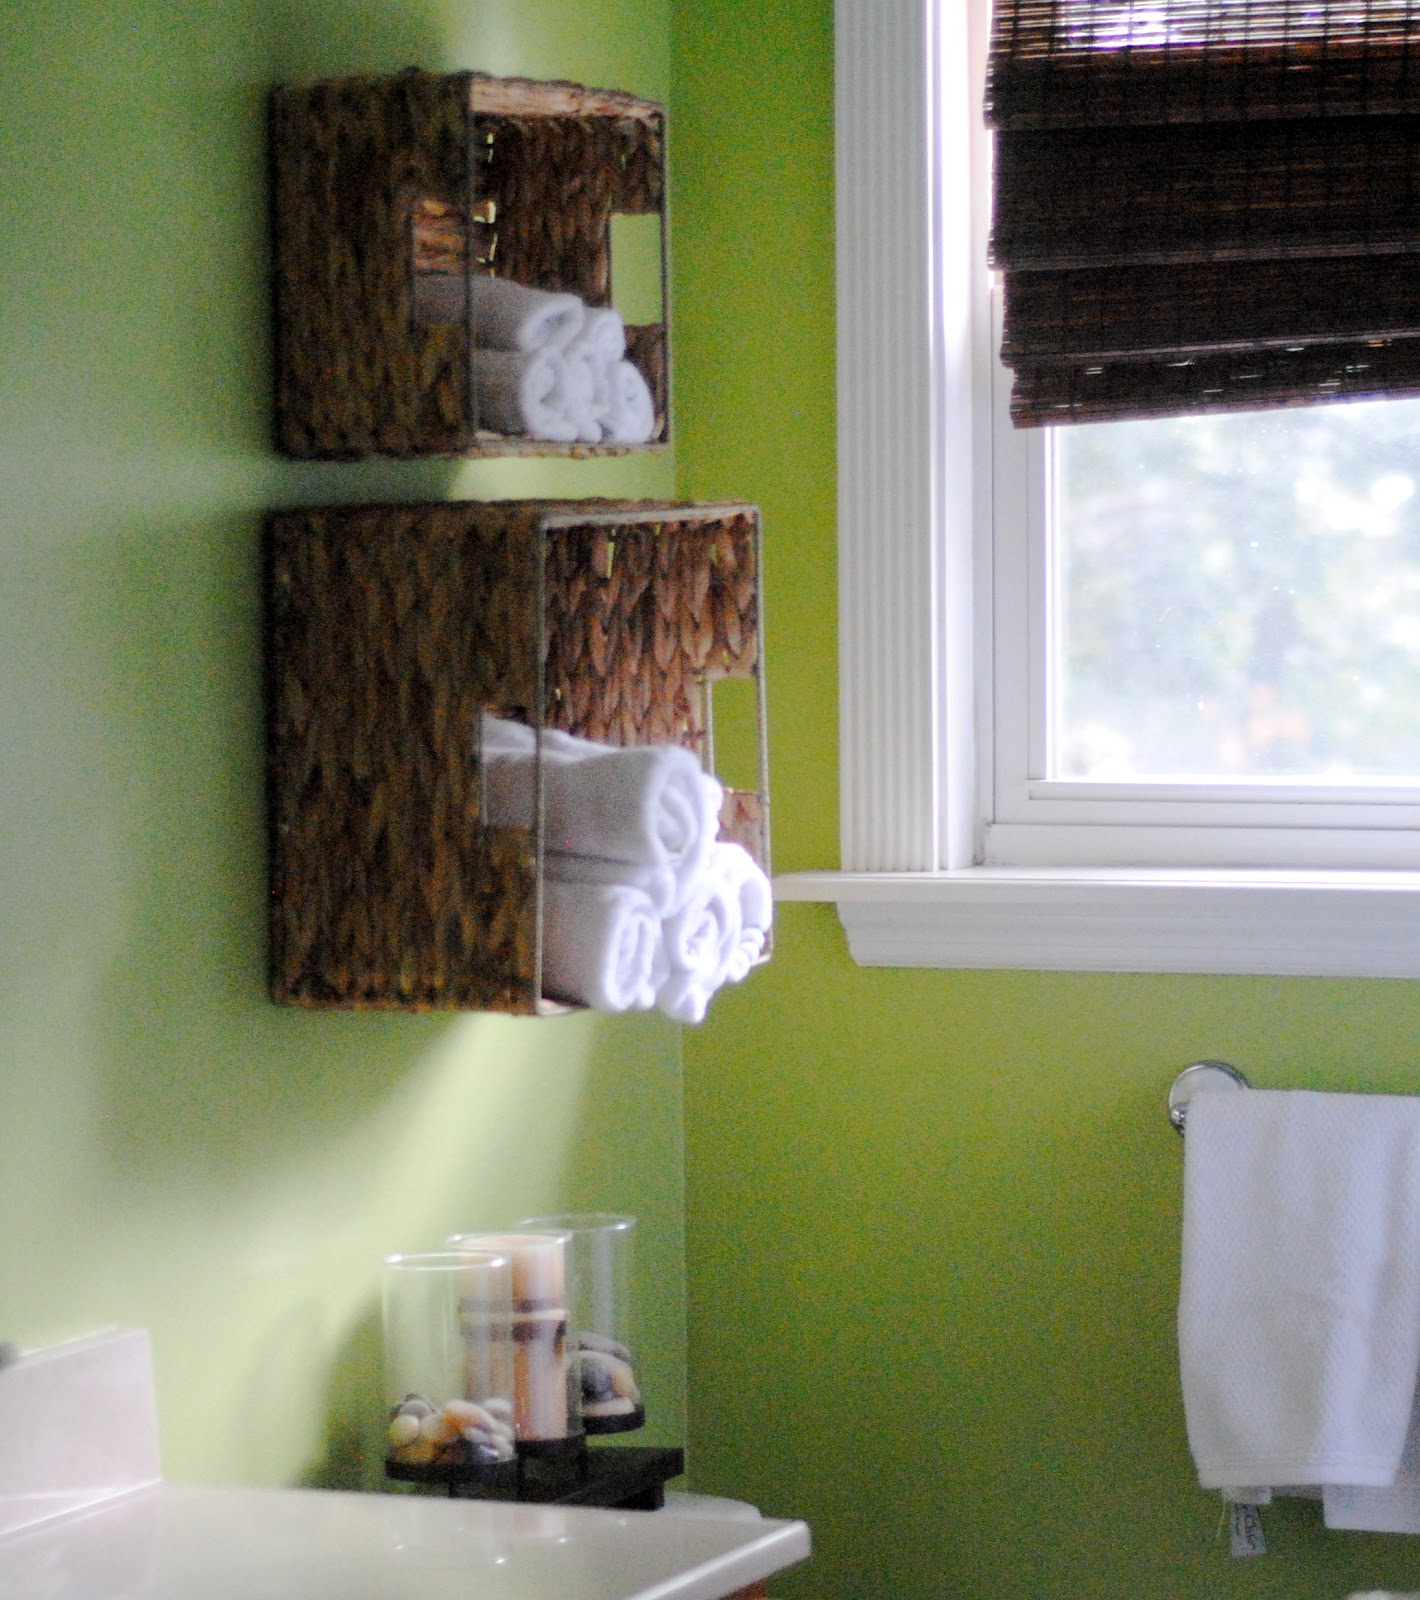 diy bathroom towel storage in under 5 minutes   making lemonade